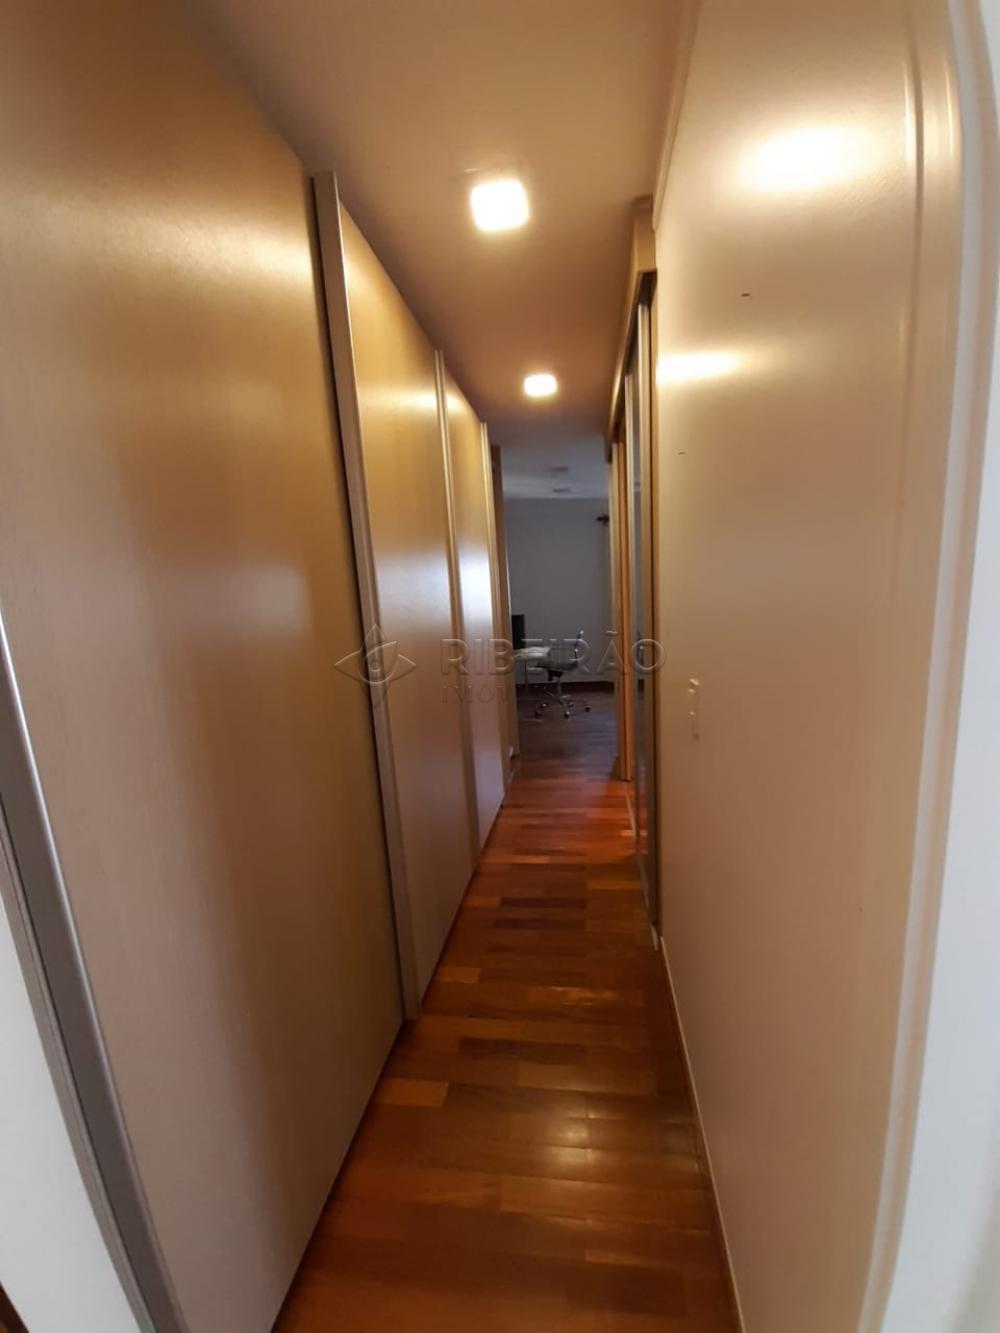 Comprar Apartamento / Padrão em Ribeirão Preto apenas R$ 1.400.000,00 - Foto 23